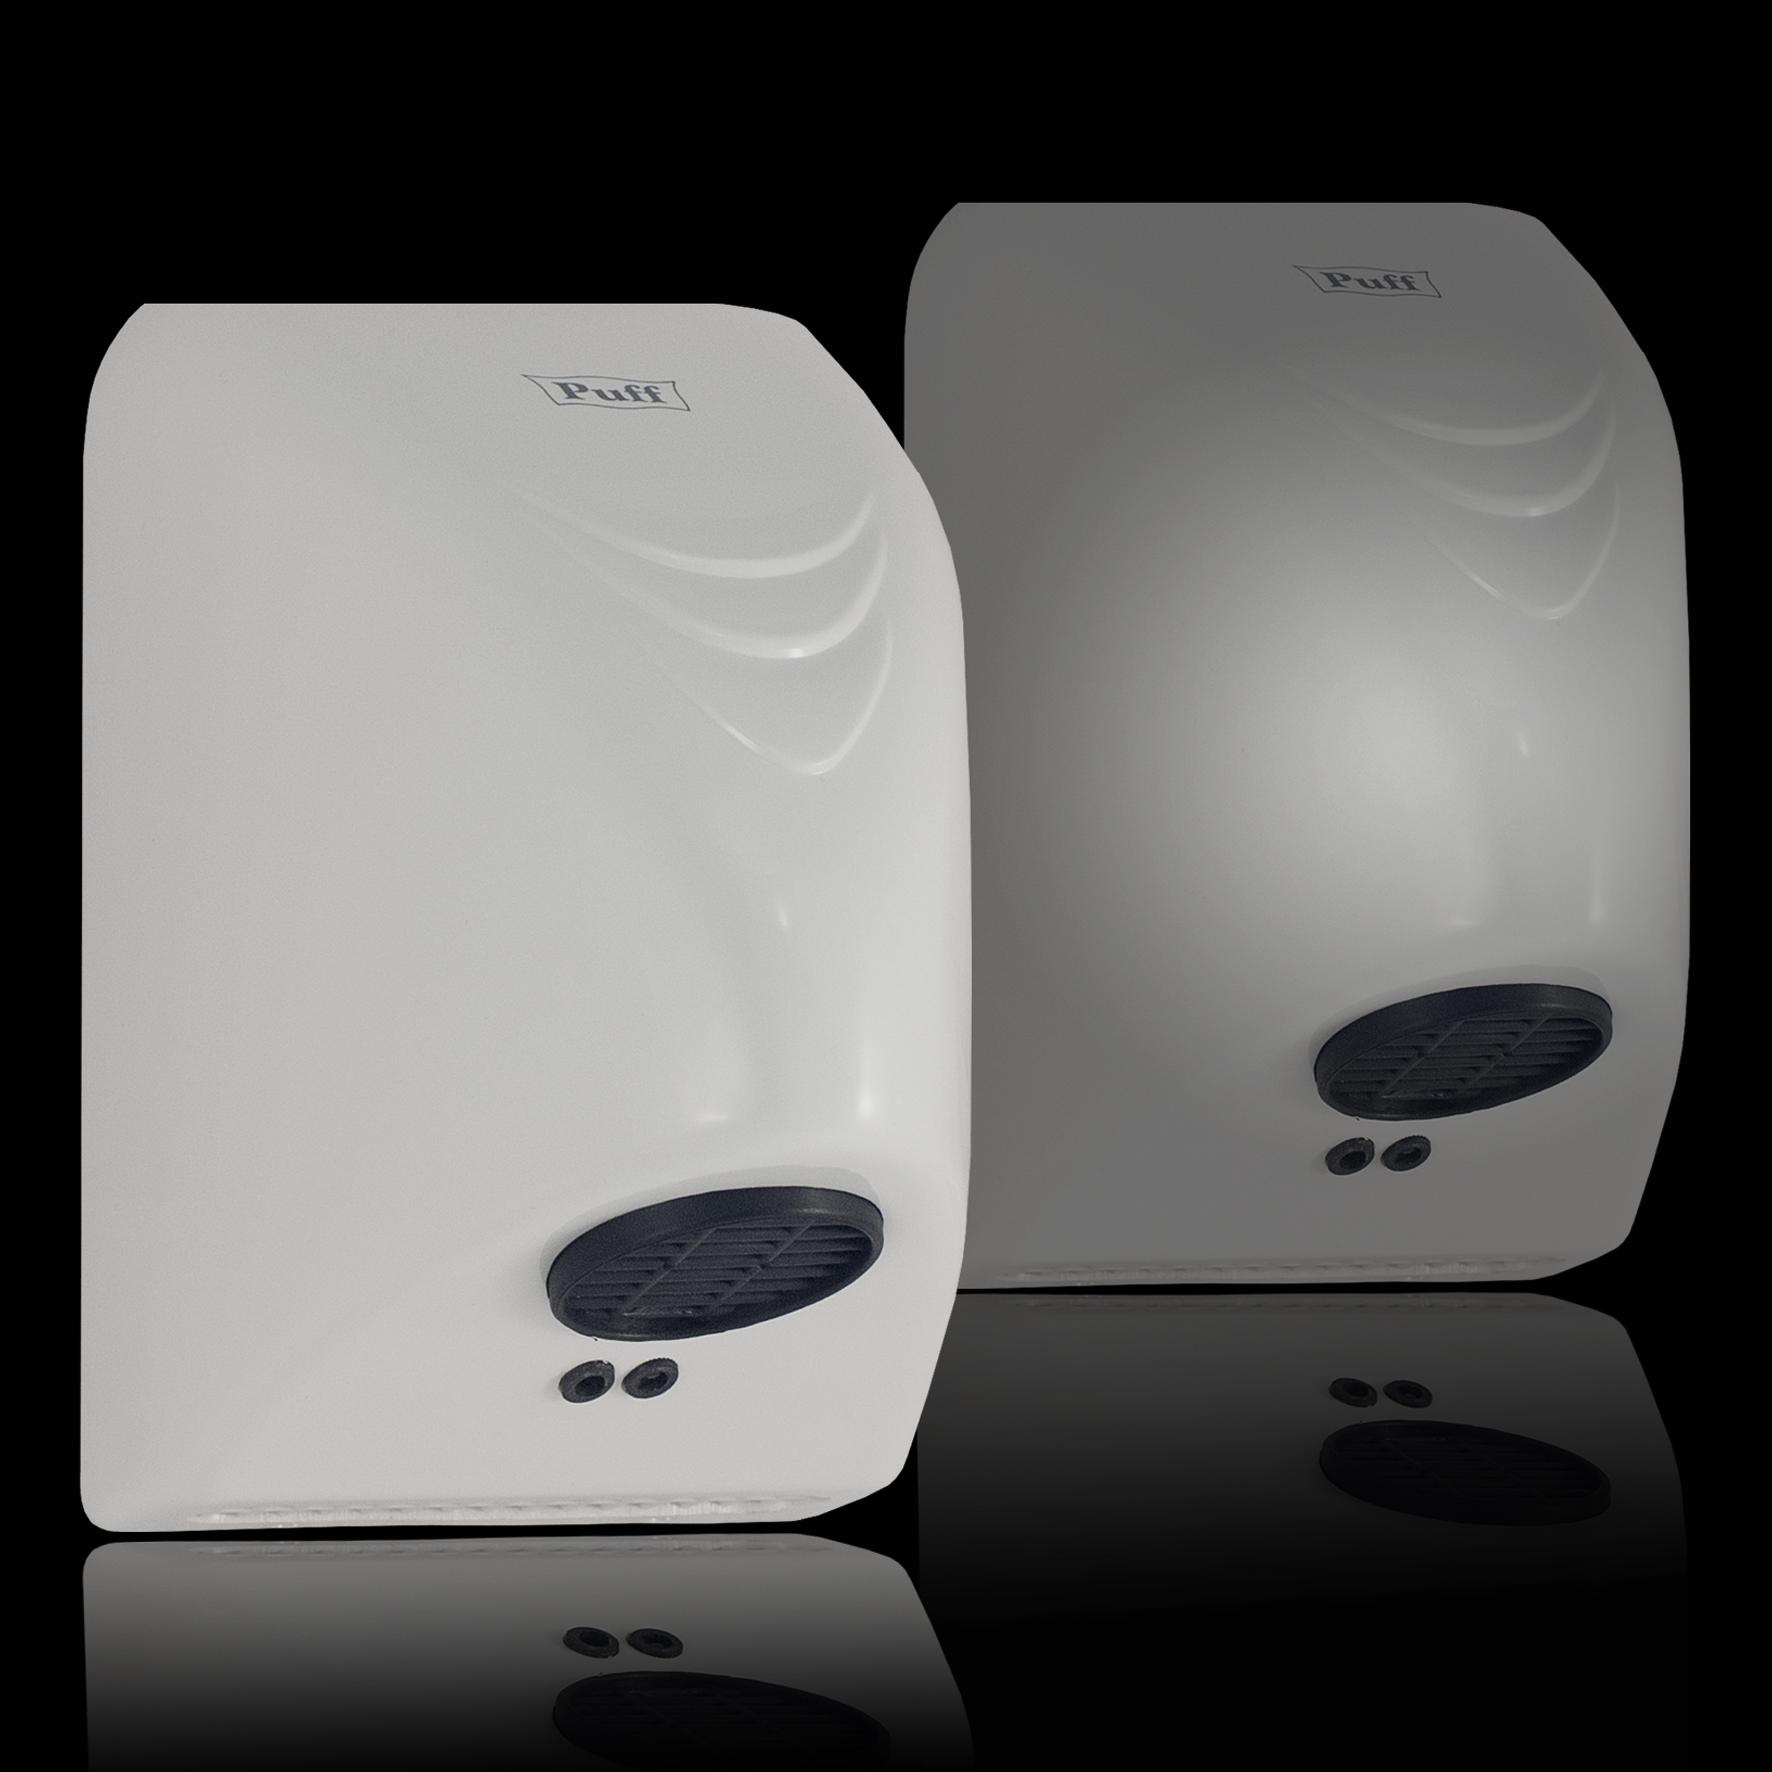 Тихая сушка для рукPuff-8814/8814СПодробнее   Малошумная. Самая экономичная и миниатюрная сушилка для рук в своем классе. Подходит для мест с малой проходимостью.Выполнена в двух цветах - в белом и в хроме.     Материал корпуса: ABC-платикЦвет: Белый / хромМощность (Вт): 800Скорость воздушного потока (м/сек): 10Время сушки рук (сек): 15-20Механизм включения: автоматическийОбласть срабатывания сенсора, см: 5-20Уровень шума, дБ: 50Температура воздушного потока, С: 40-55°СКласс влагозащищенности: IPX1Защита от перегрева/перегрузки: даВес брутто/нетто, кг: 0,85/0,75Габаритные размеры (мм) (ШхГхВ): 140*150*215Гарантия: 12 мес.